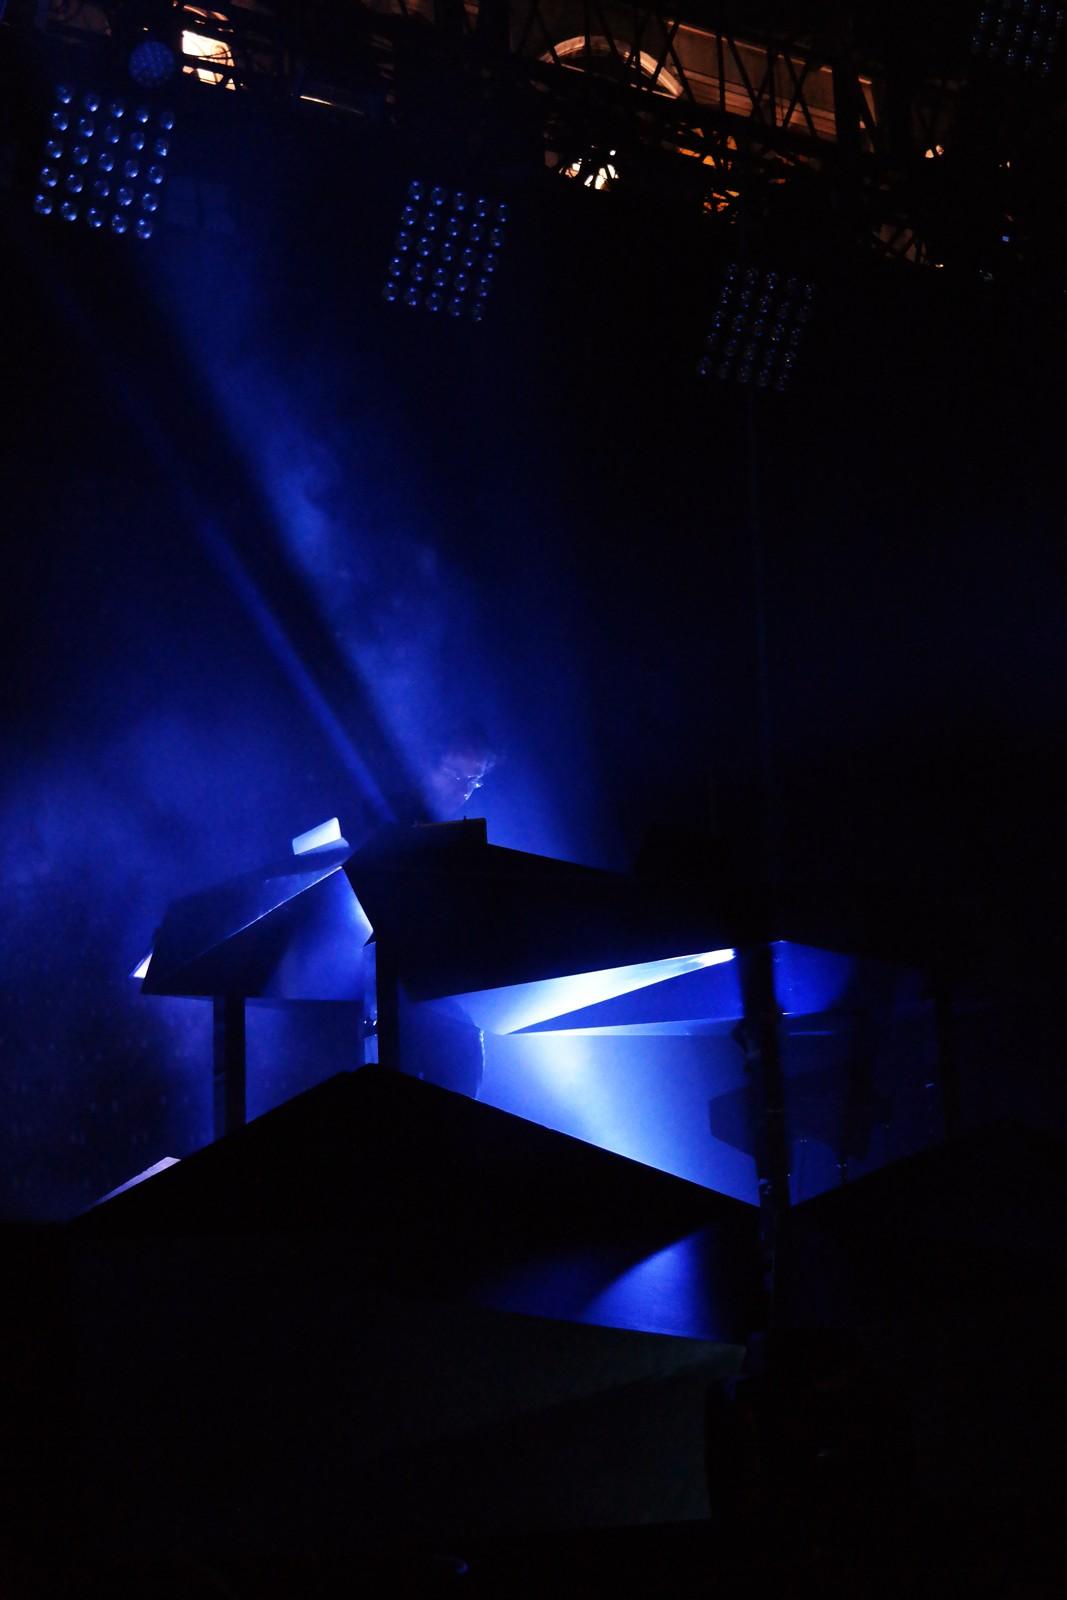 Rone-producteur-électro-concert-live-festival-fnaclive-2015-parvis-hotel-de-ville-Erwan-Castex-album-Creatures-photo-scène-by-united-states-of-paris-blog